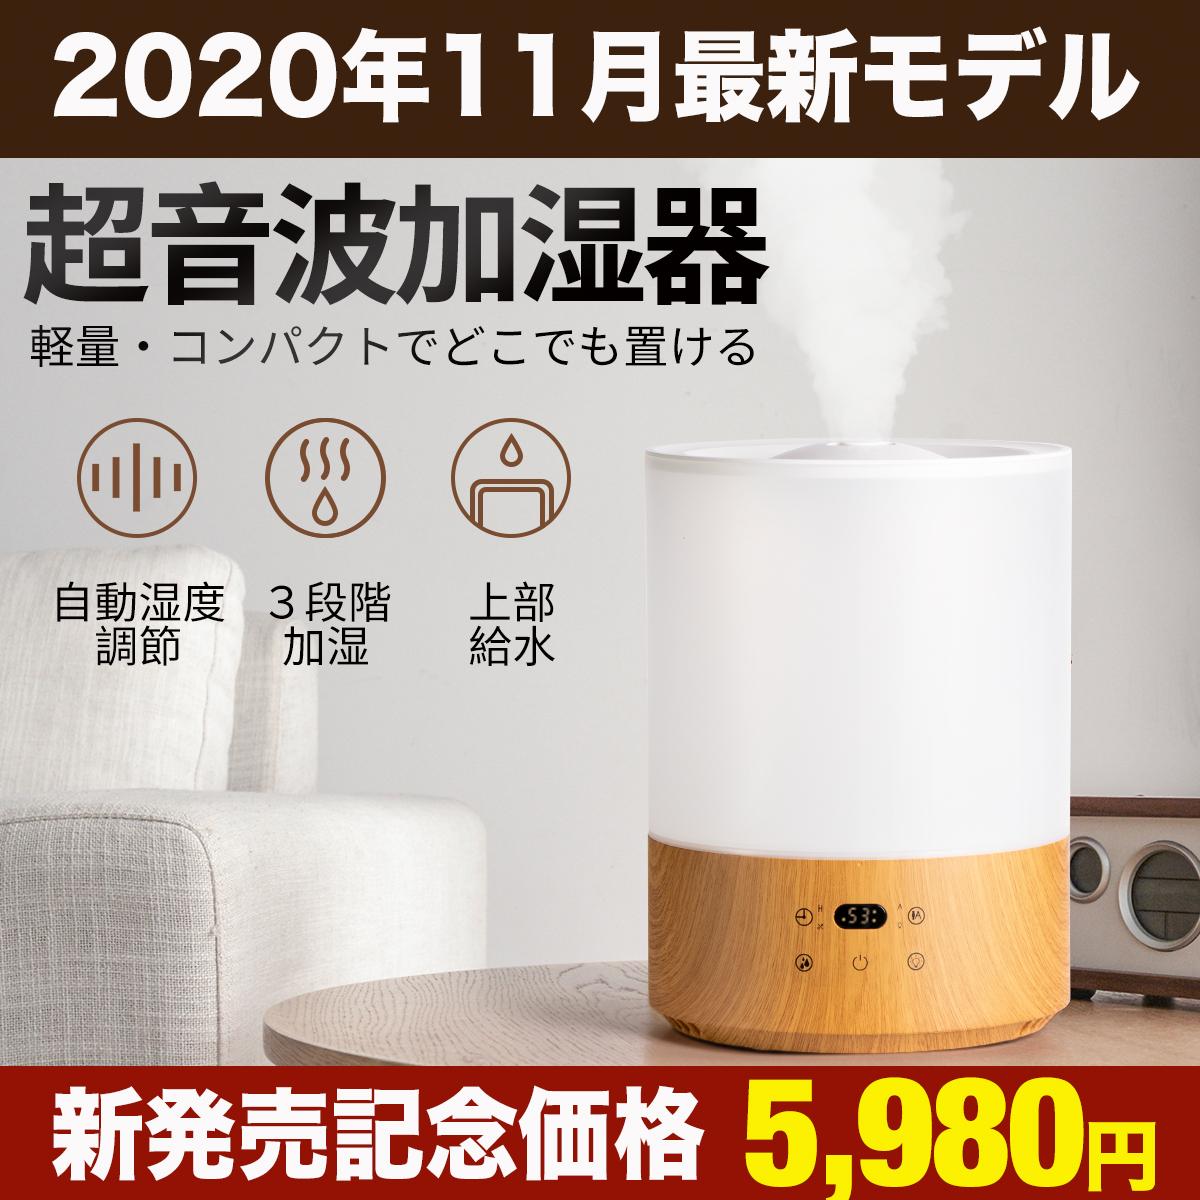 加湿器 卓上 超音波 大容量 4L アロマ対応 2020新型 加湿機 大容量 小型 コンパクト 上部給水式加湿器 おしゃれ かわいい 静音 省エネ